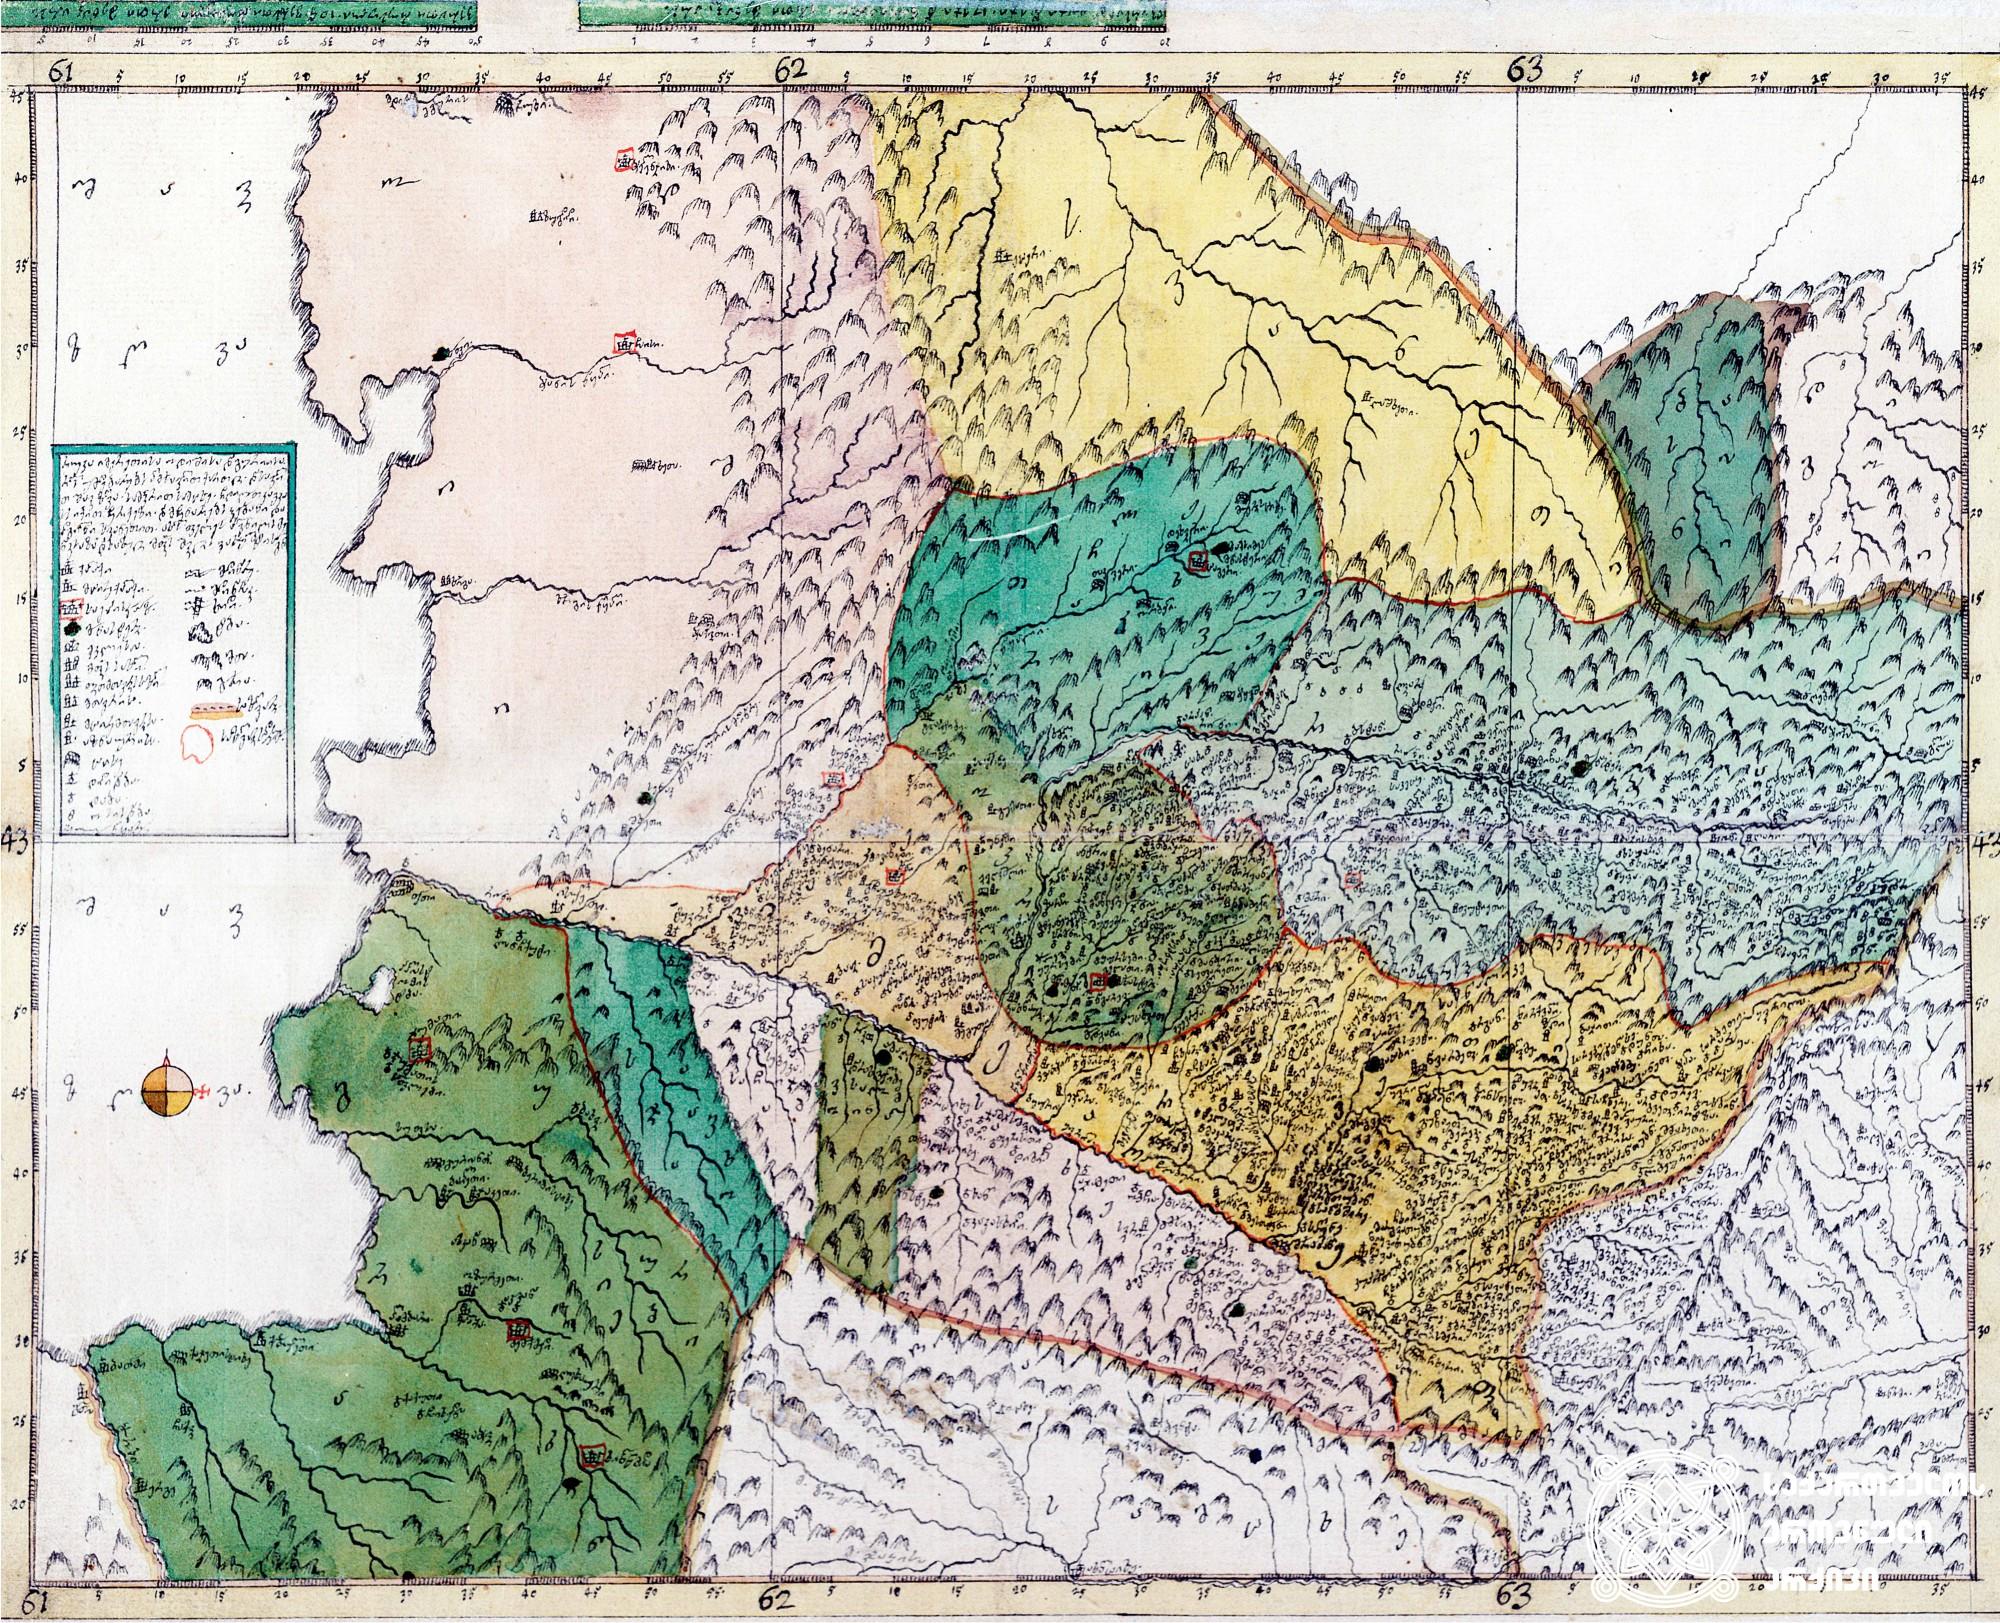 """ვახუშტის ატლასი <br> იმერეთის, ოდიშისა და გურიის რუკა <br> Atlas of Vakhushti <br> The map Imereti, Odishi, Guria <br> """"რუკა იმერეთისა, ოდიშისა და გურიისა, რომელს უმდებარებს აღმოსავლით ქართლი, დასავლით შავი ზღვა, სამჴრით სამცხე, ჩდილოთ კავკასს იქით ჩერქეზი და მჩენარებს ჴეობანი და ადგილნი სვანეთით, ახალს ფელეს პოვნილს მენაკსა ზედა. დახაზული მეფის შვილის ვახუტისაგან""""."""